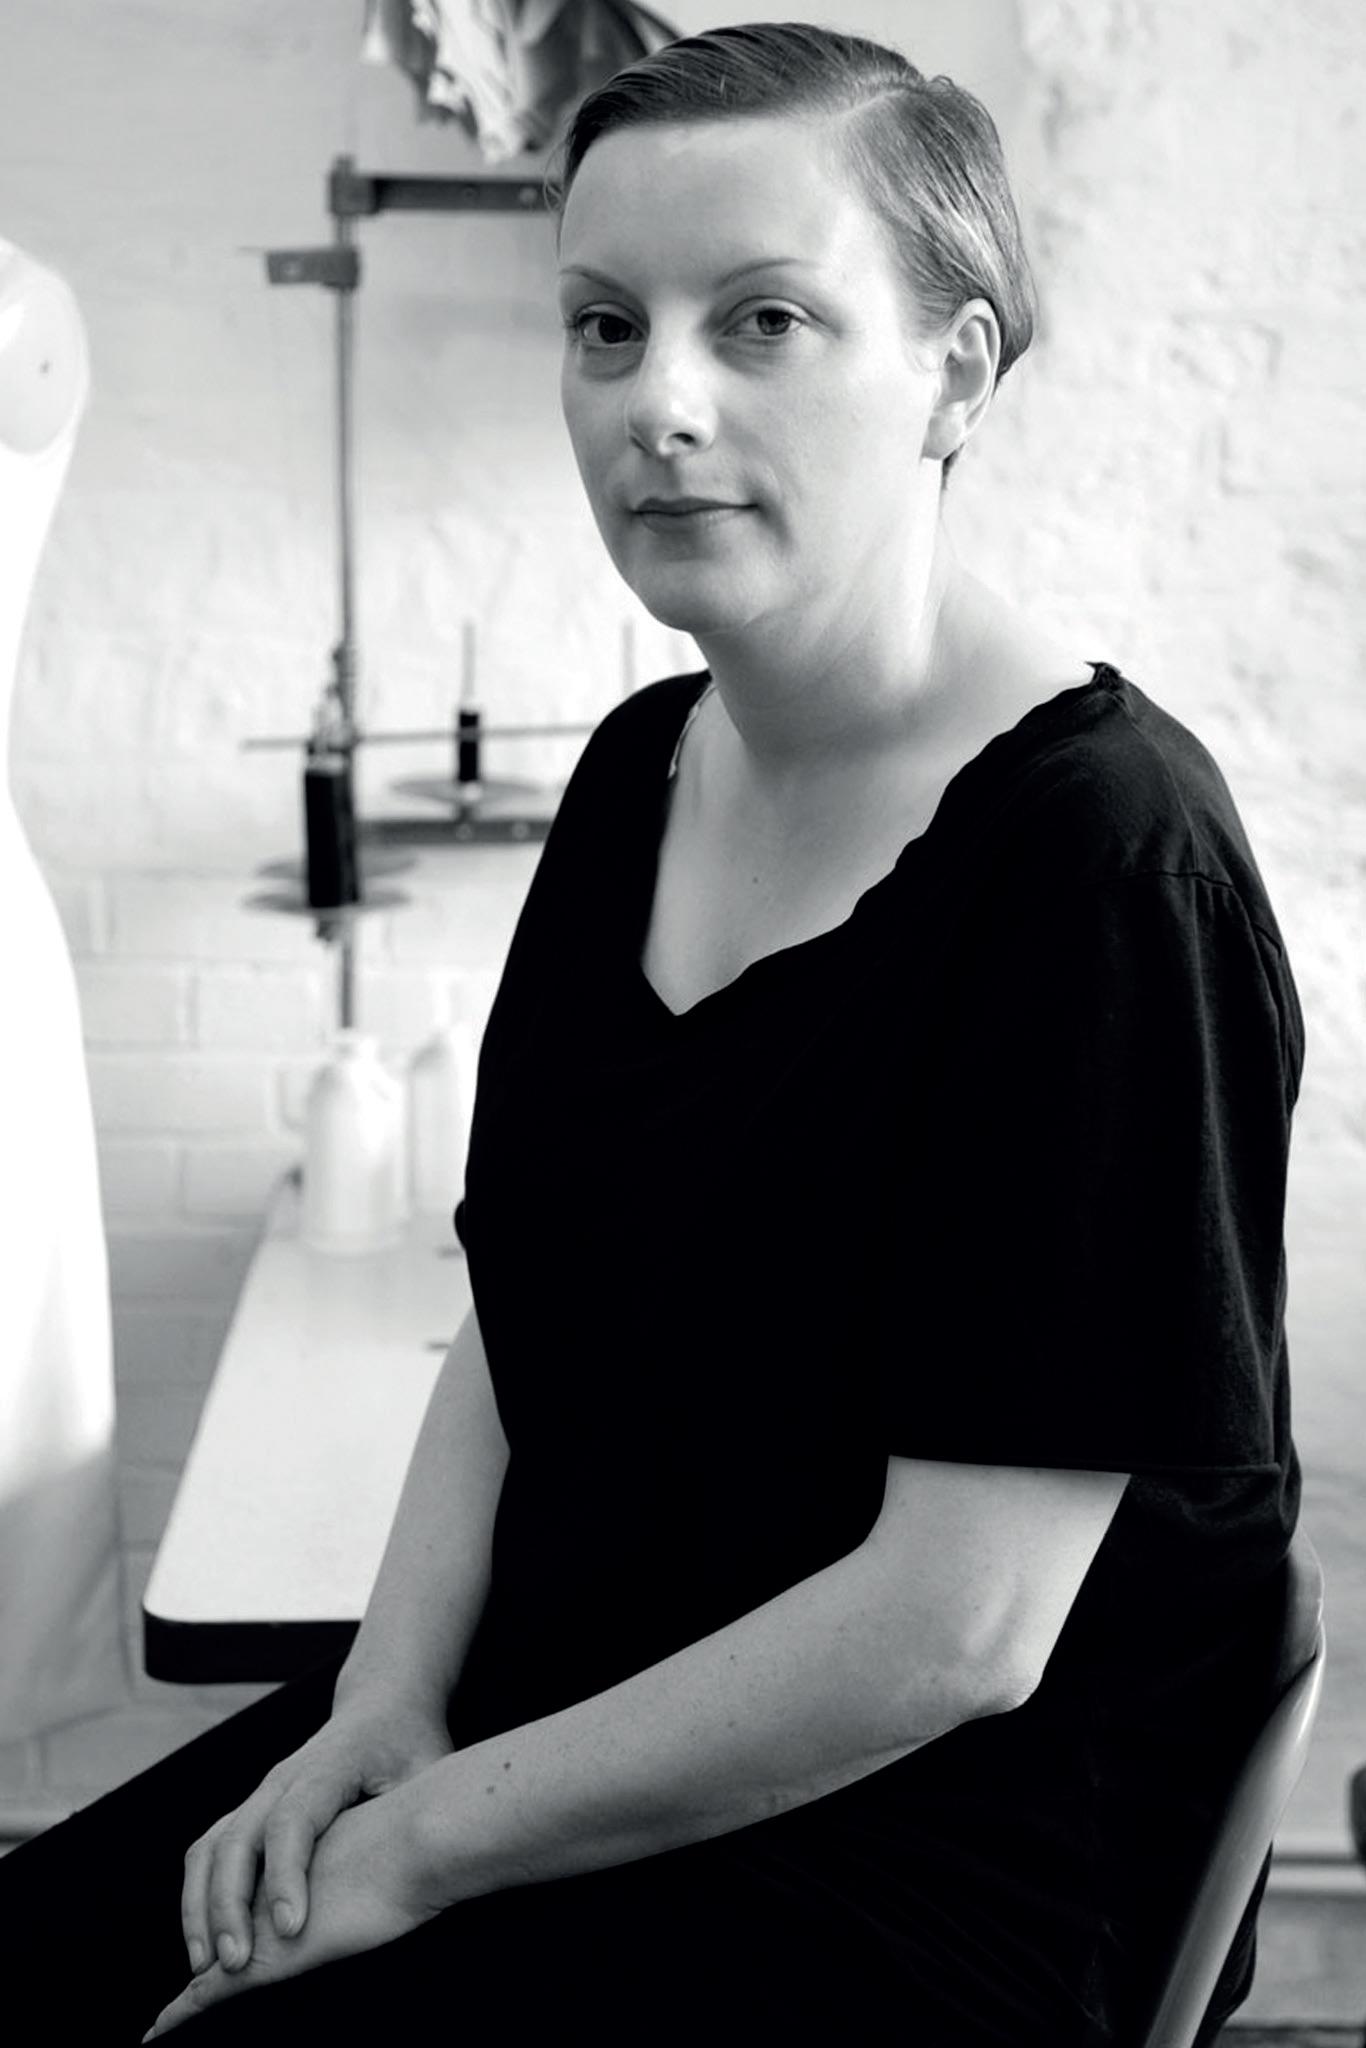 nhà thiết kế thời trang Lou Dalton